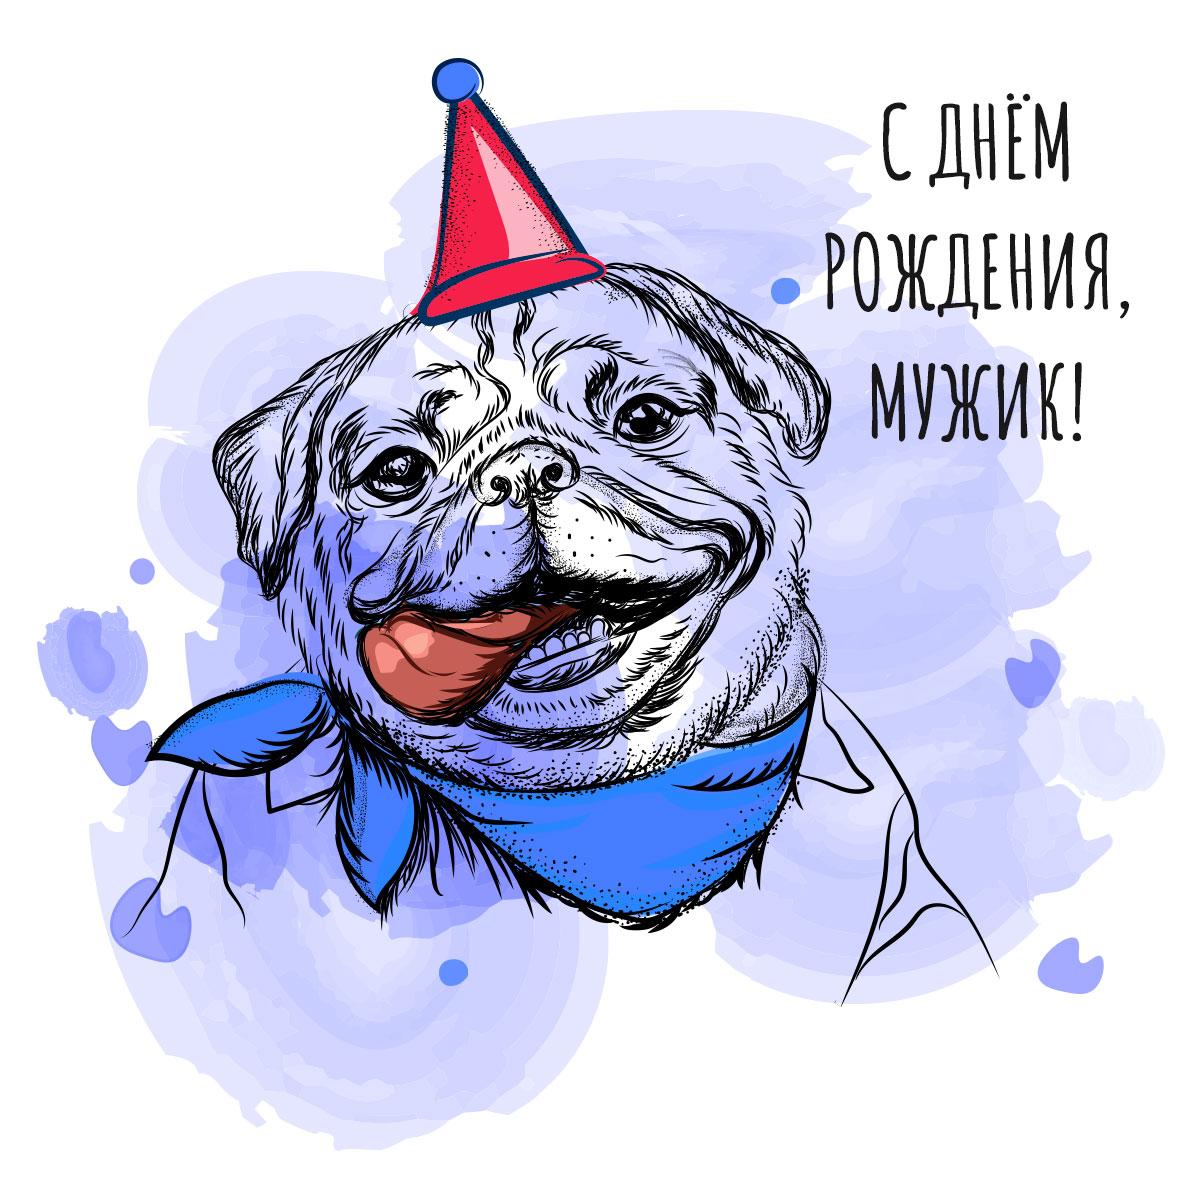 Картинка с днем рождения мужик с рисунком мопса в синем платке на шее и красной шляпе для вечеринок.